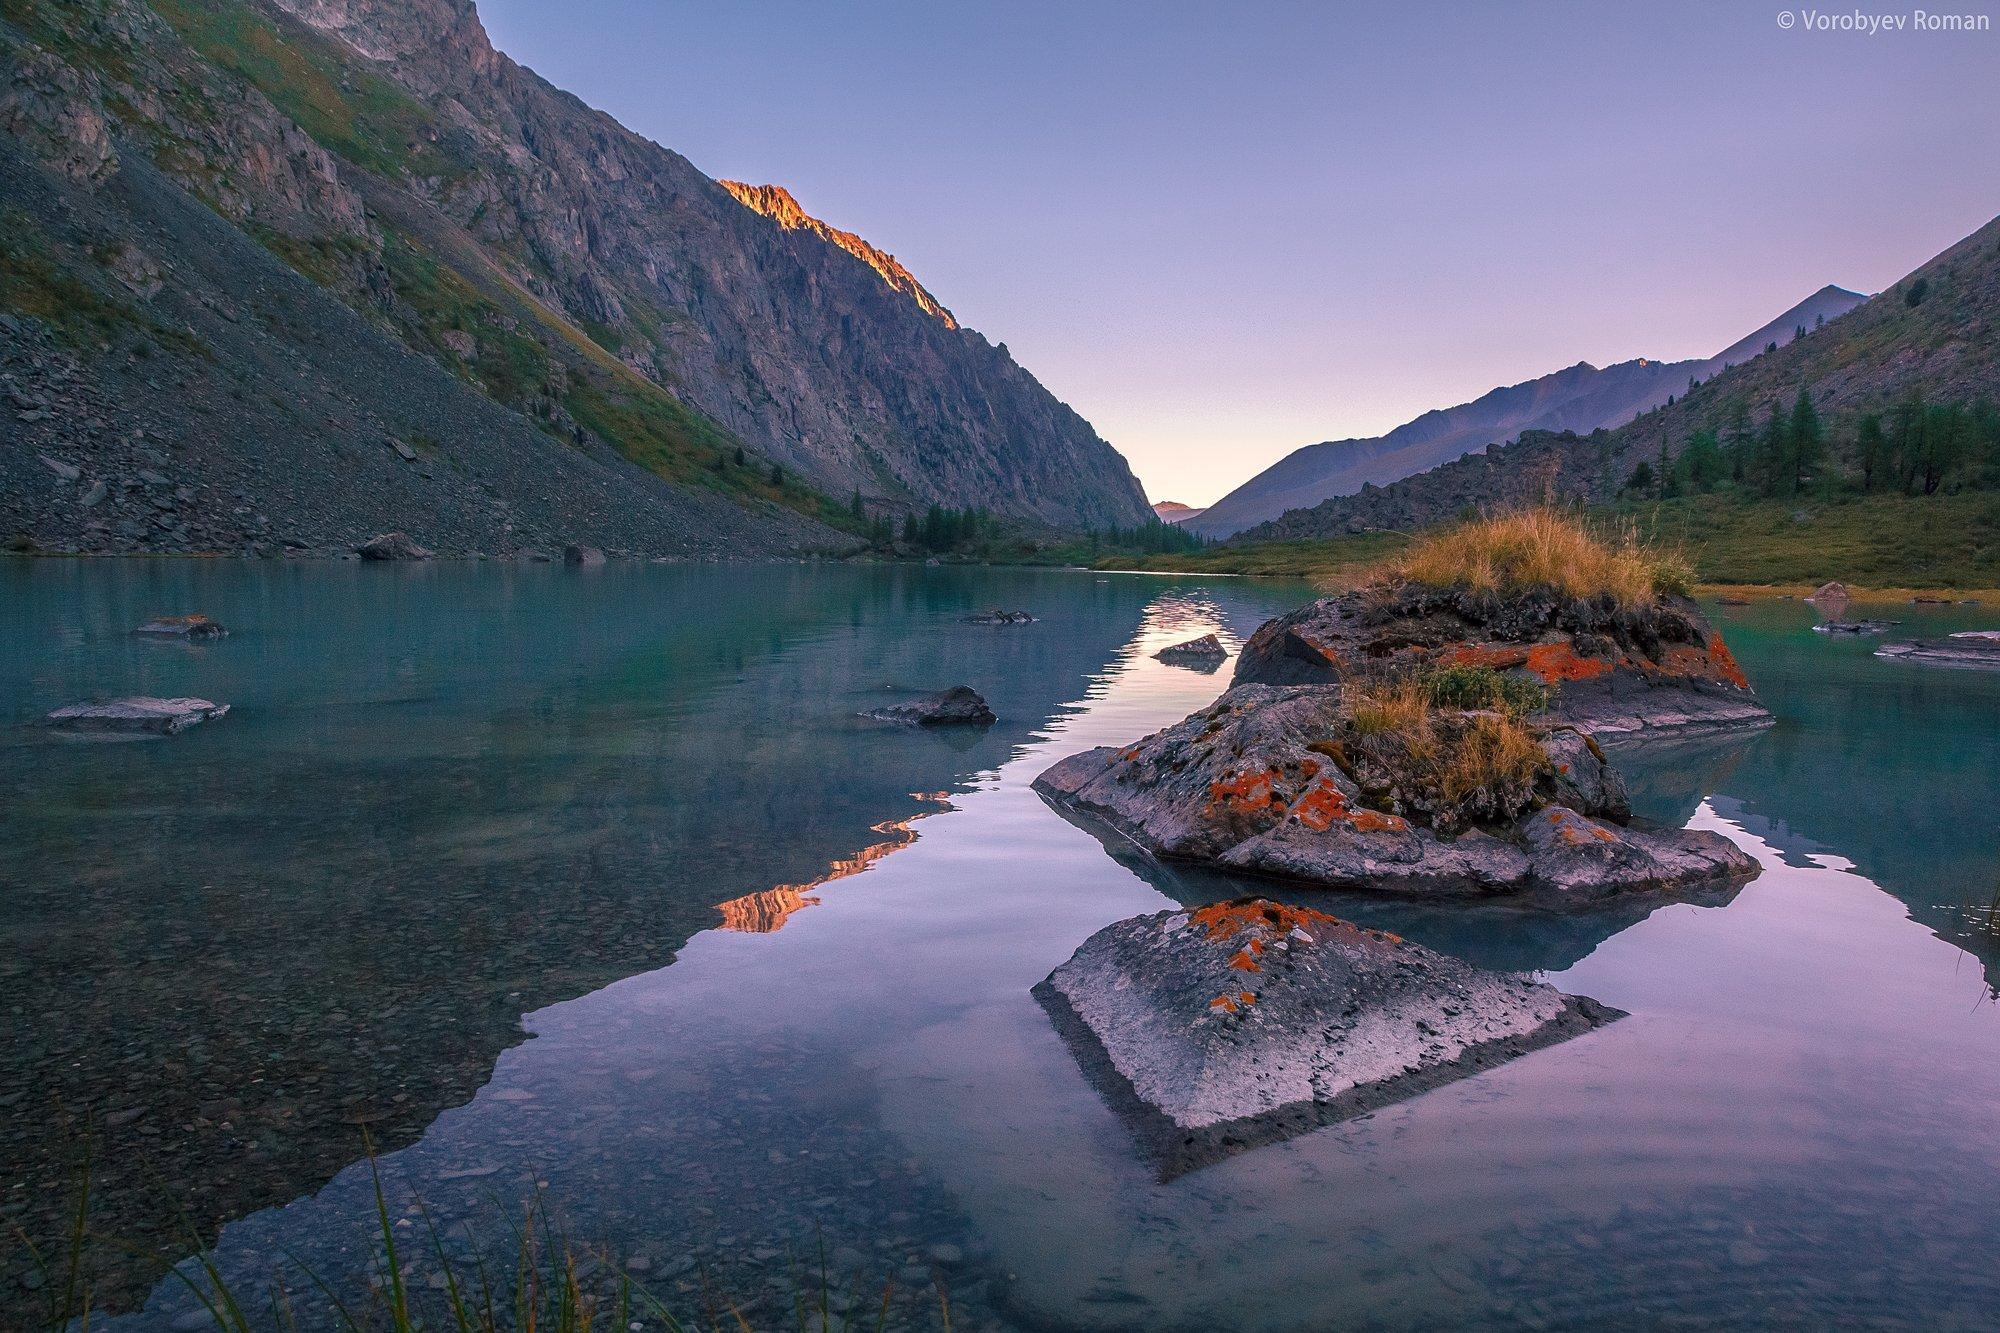 Алтай, Горы, Озеро, Отражение, Рассвет, Roman Vorobyev